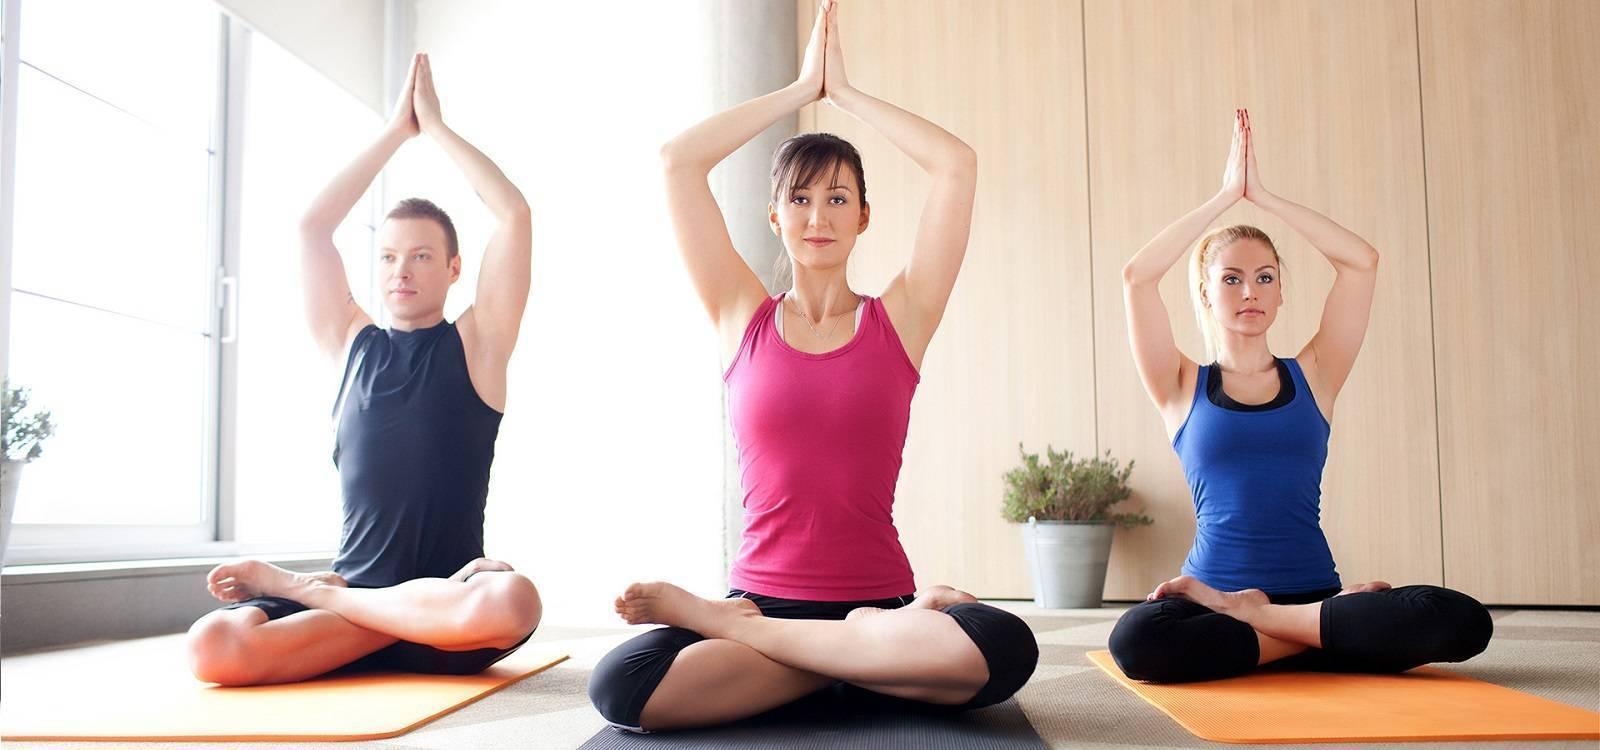 Фейсфитнес: упражнения в 25, 35, 45 и 55+ лет